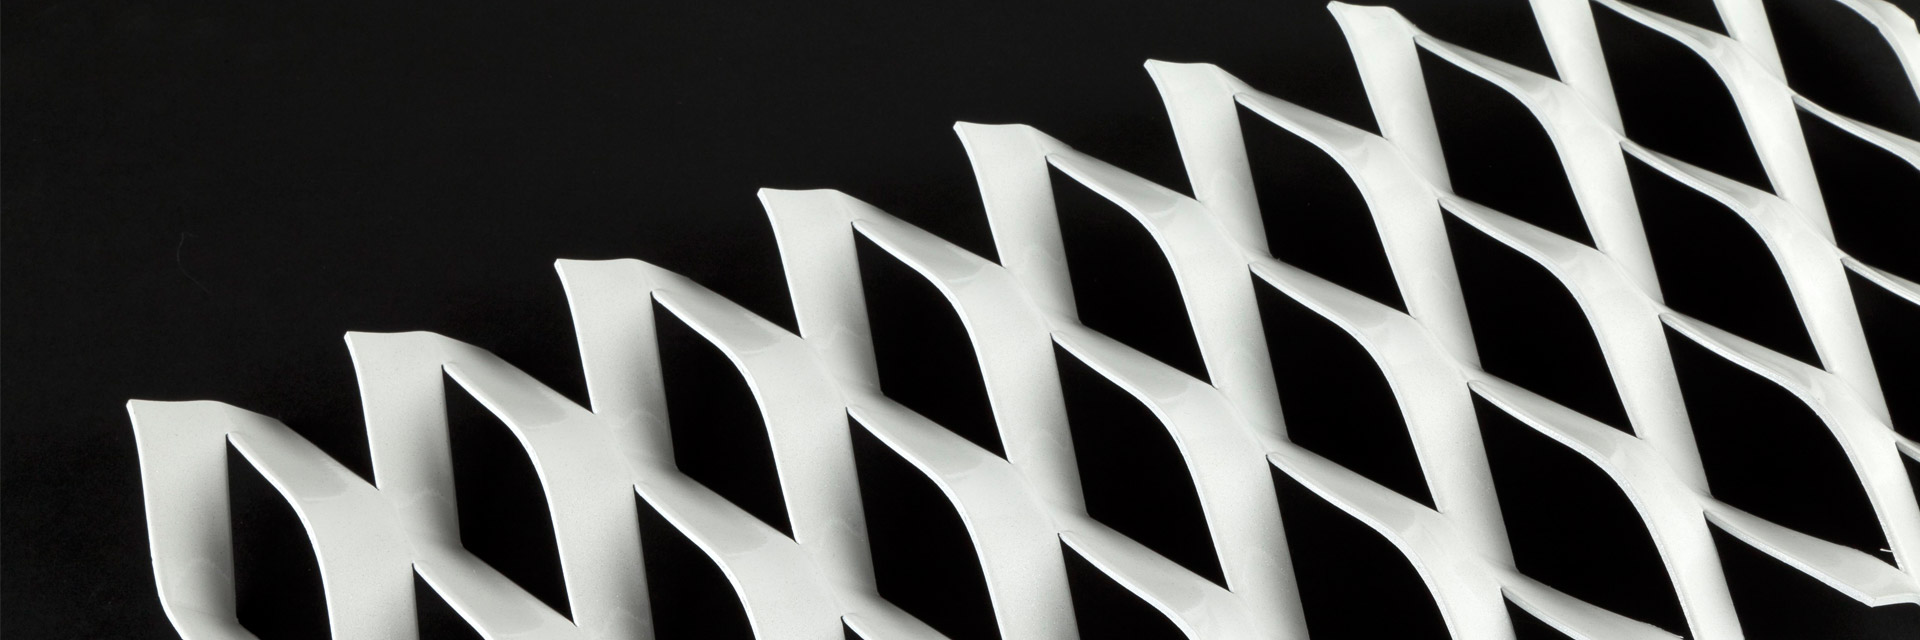 Detail eines Streckmetallblechs, das mit Duraflon beschichtet wurde.